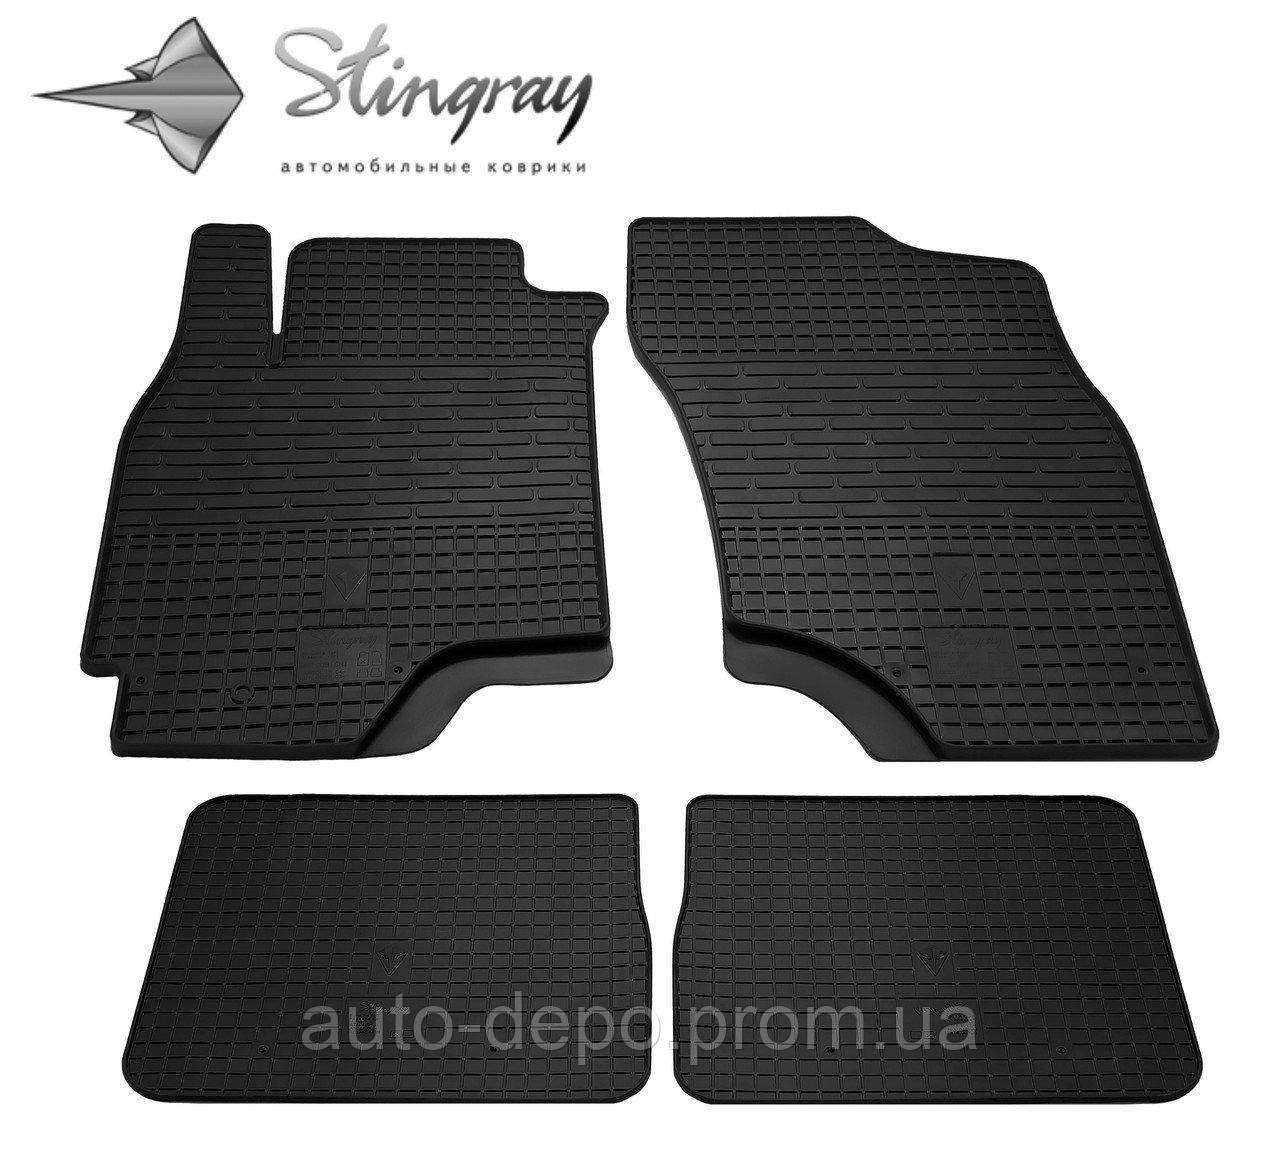 Автомобільні килимки для Mitsubishi Lancer IX 2004-2008 Stingray